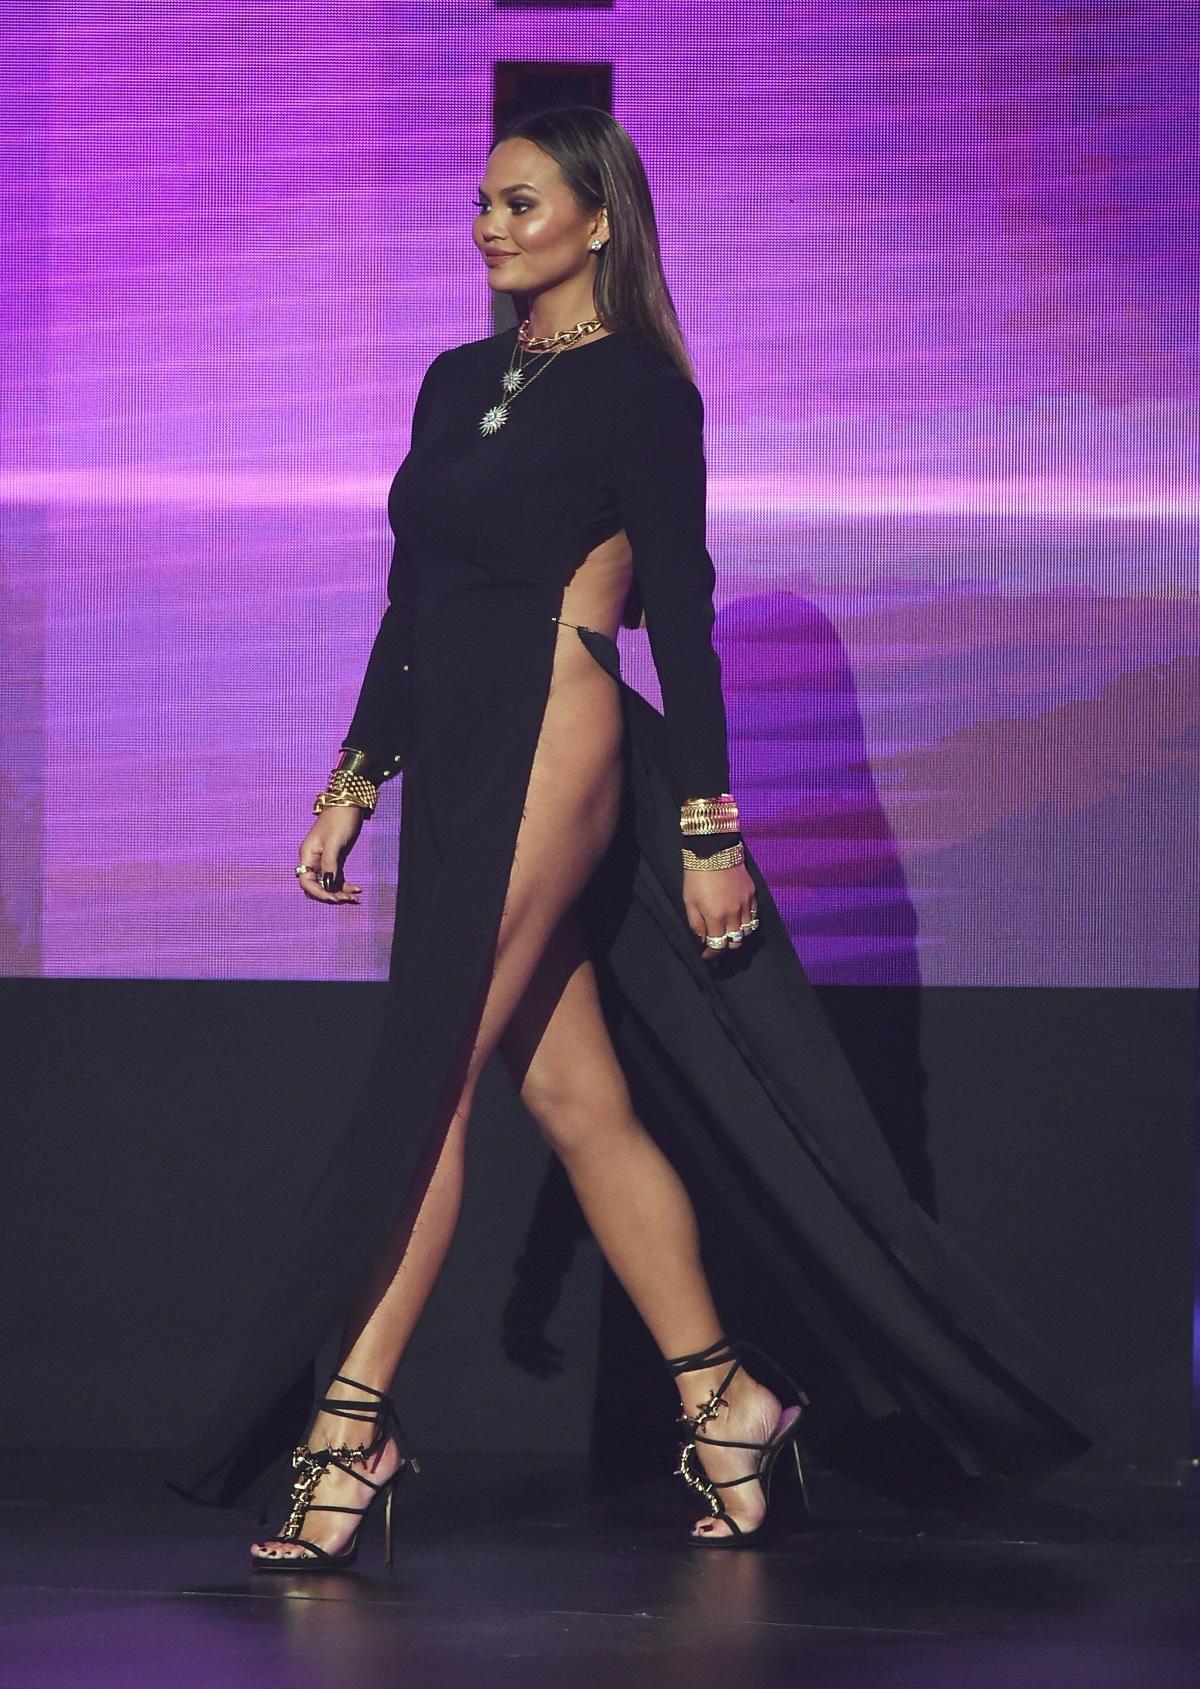 Криси Тейгън беше без бельо на Американските музикални награди през 2016 г. и се постара роклята ѝ да я покаже в пълния ѝ блясък. Затова трябваше доста да внимава как се движи.